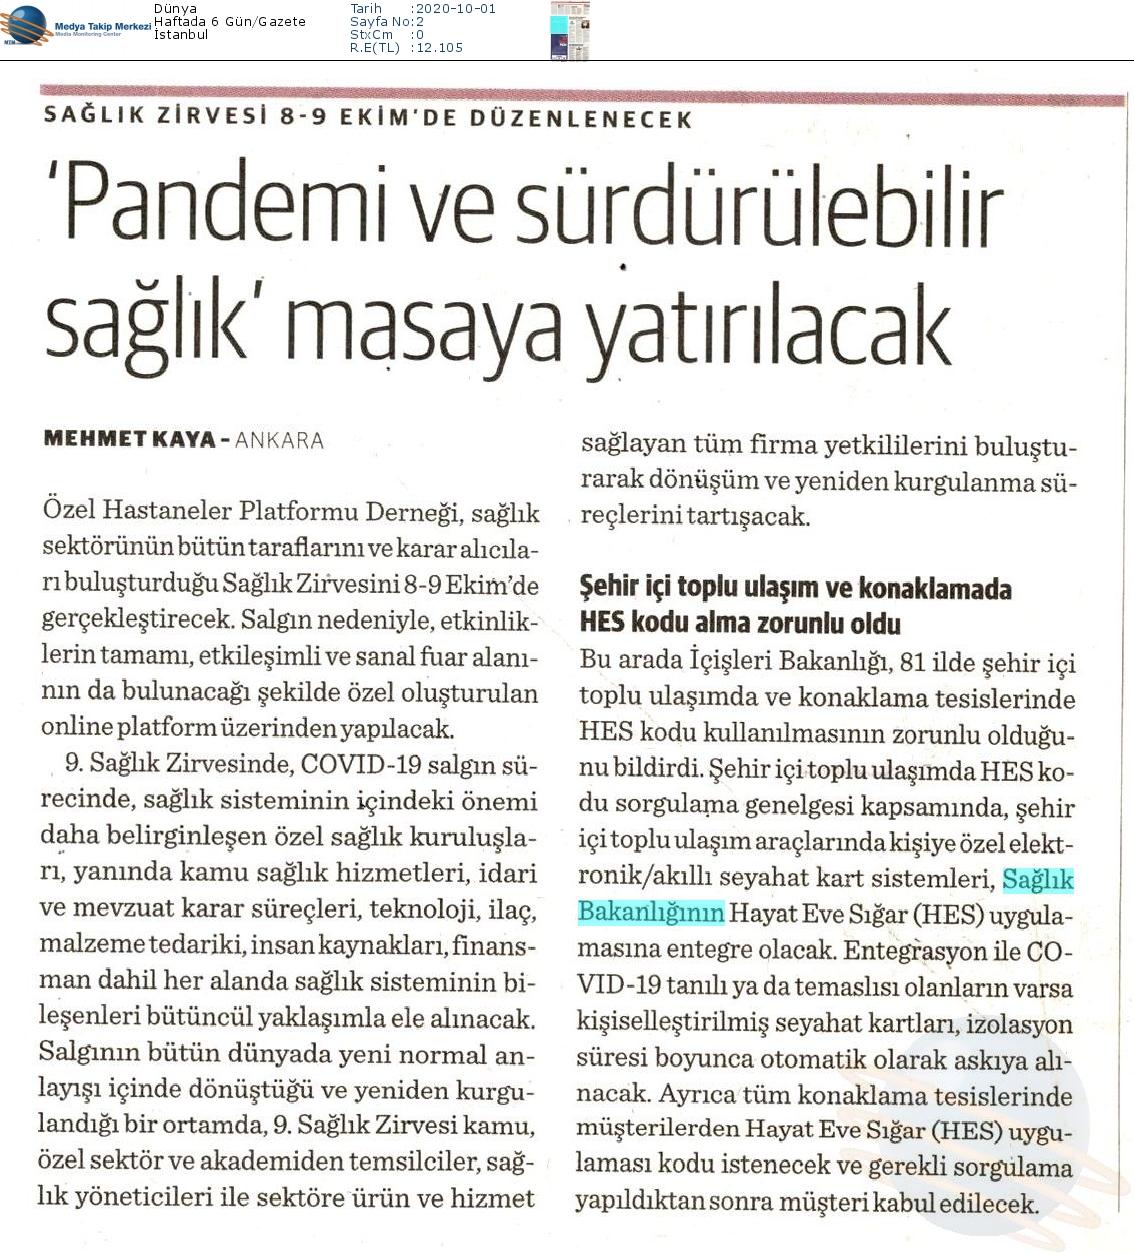 Dunya-_PANDEMI_VE_SURDURULEBILIR_SAGLIK_MASAYA_YATIRILACAK-01.10.2020-1